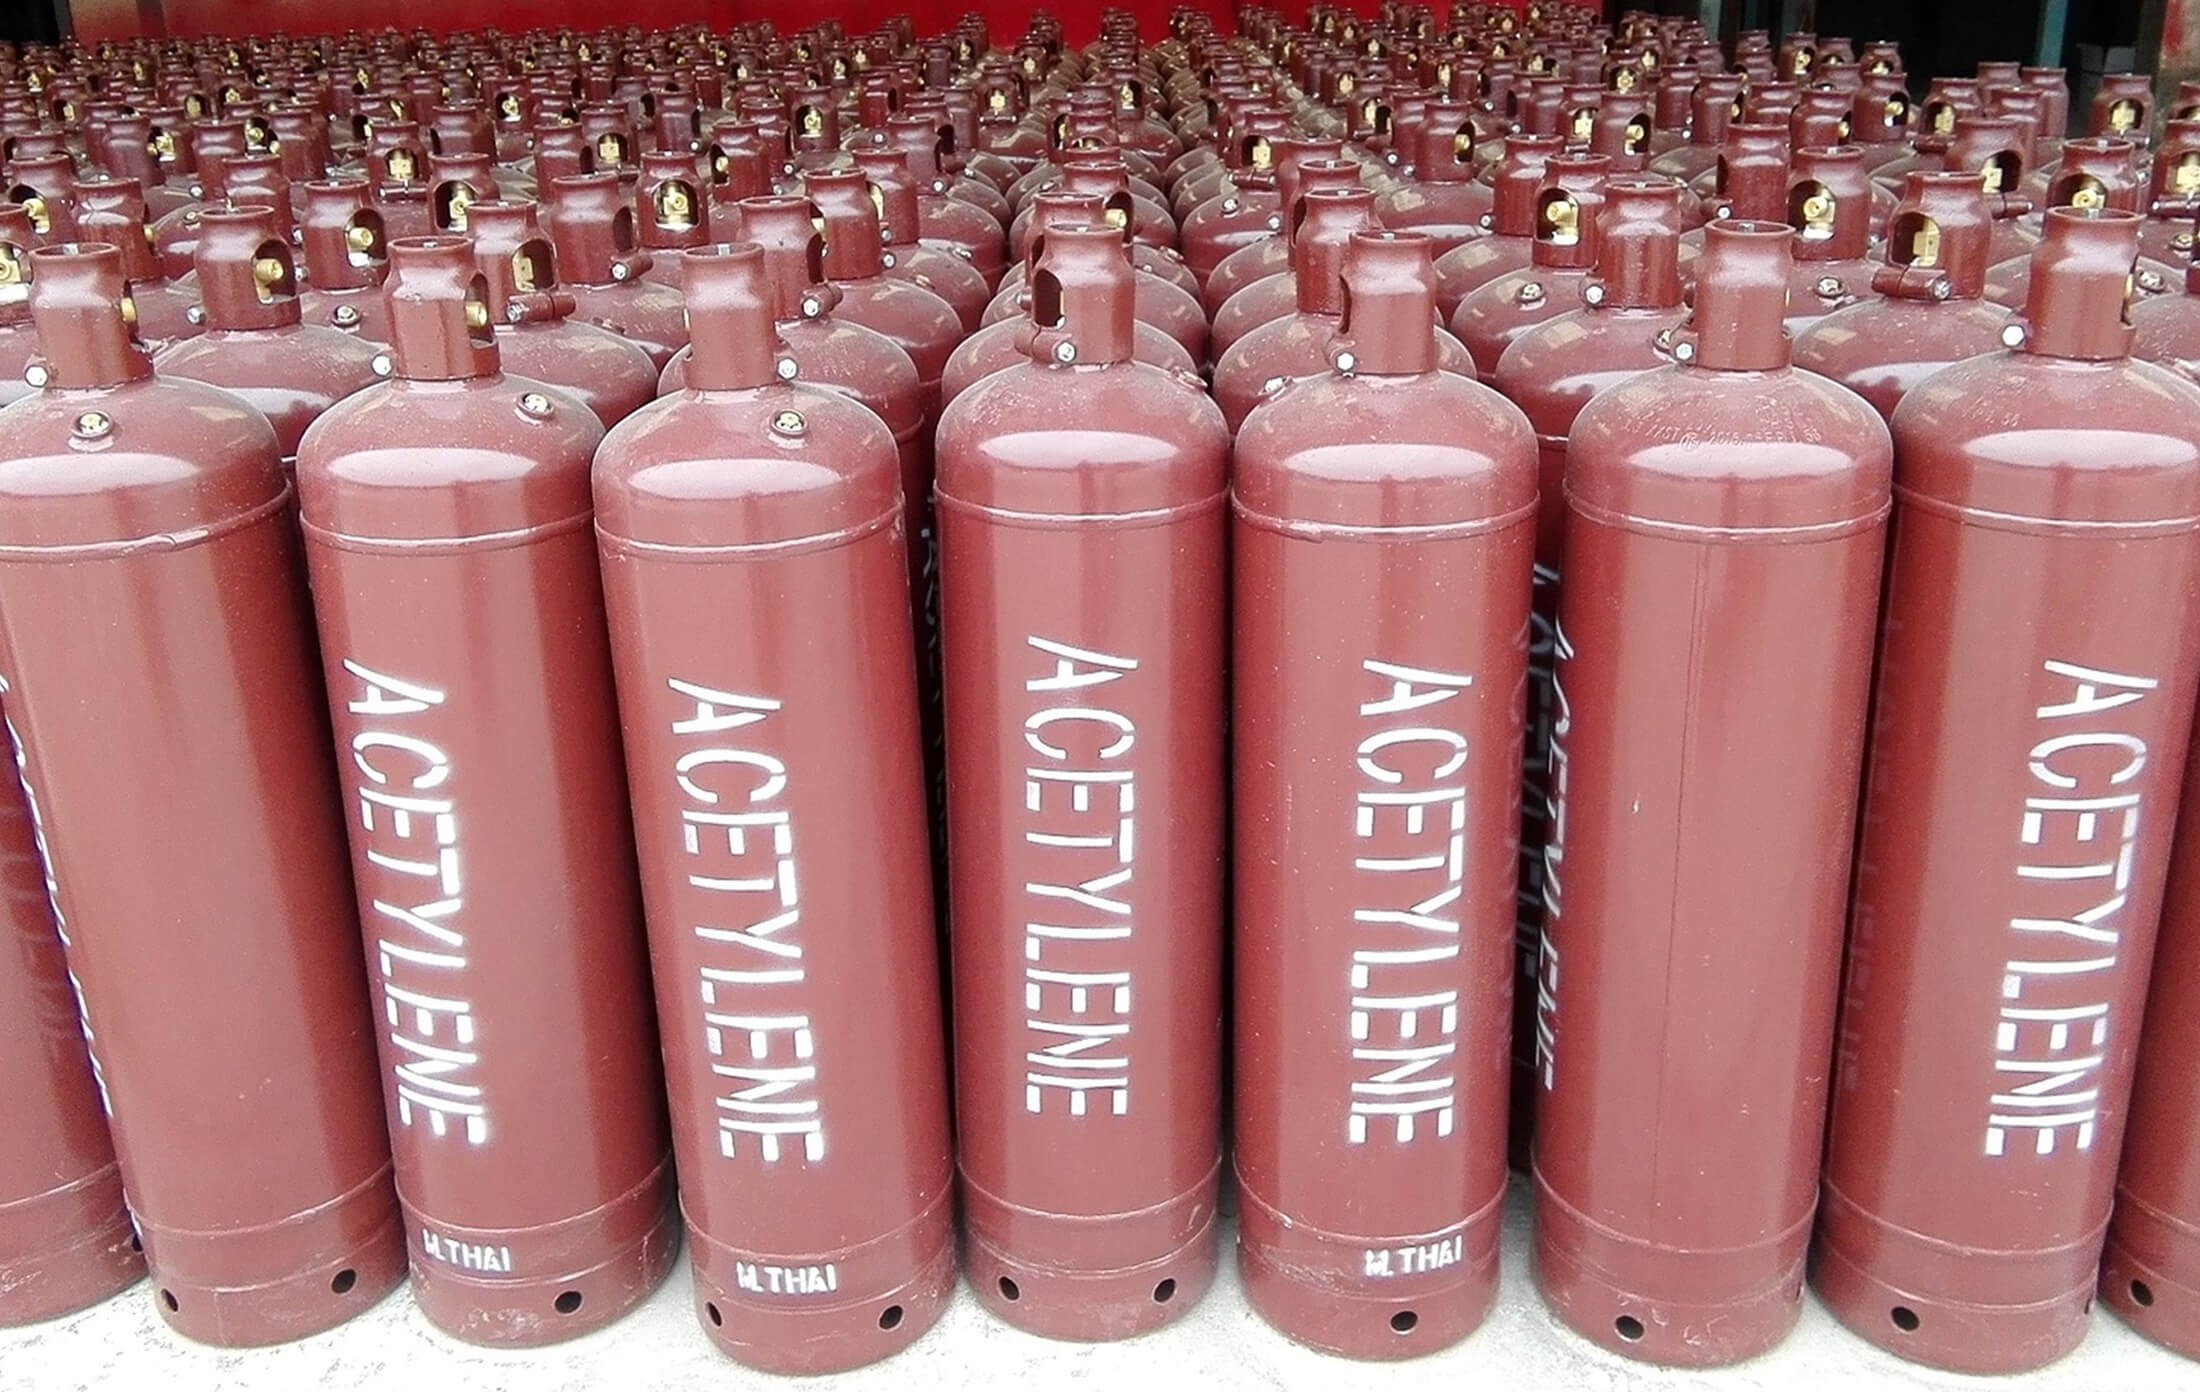 گاز استیلن در چه مواردی کاربرد دارد؟